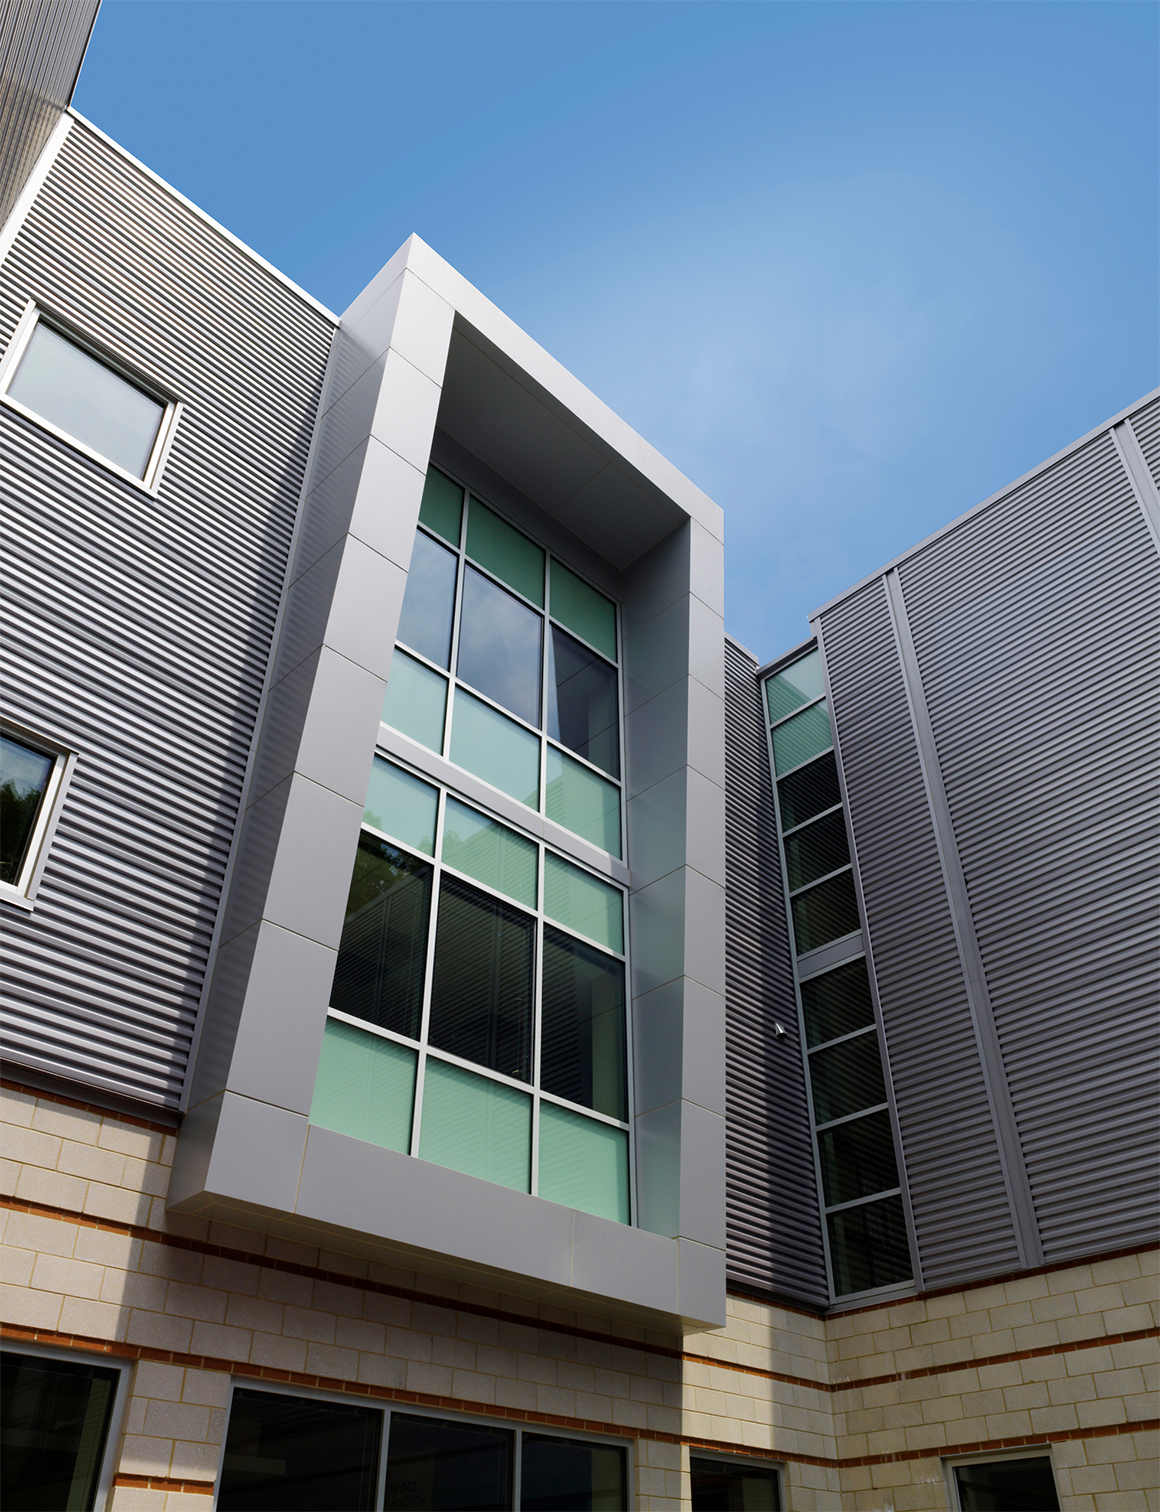 KIPP DC Benning Campus by Studio Twenty Seven Architecture - Exterior